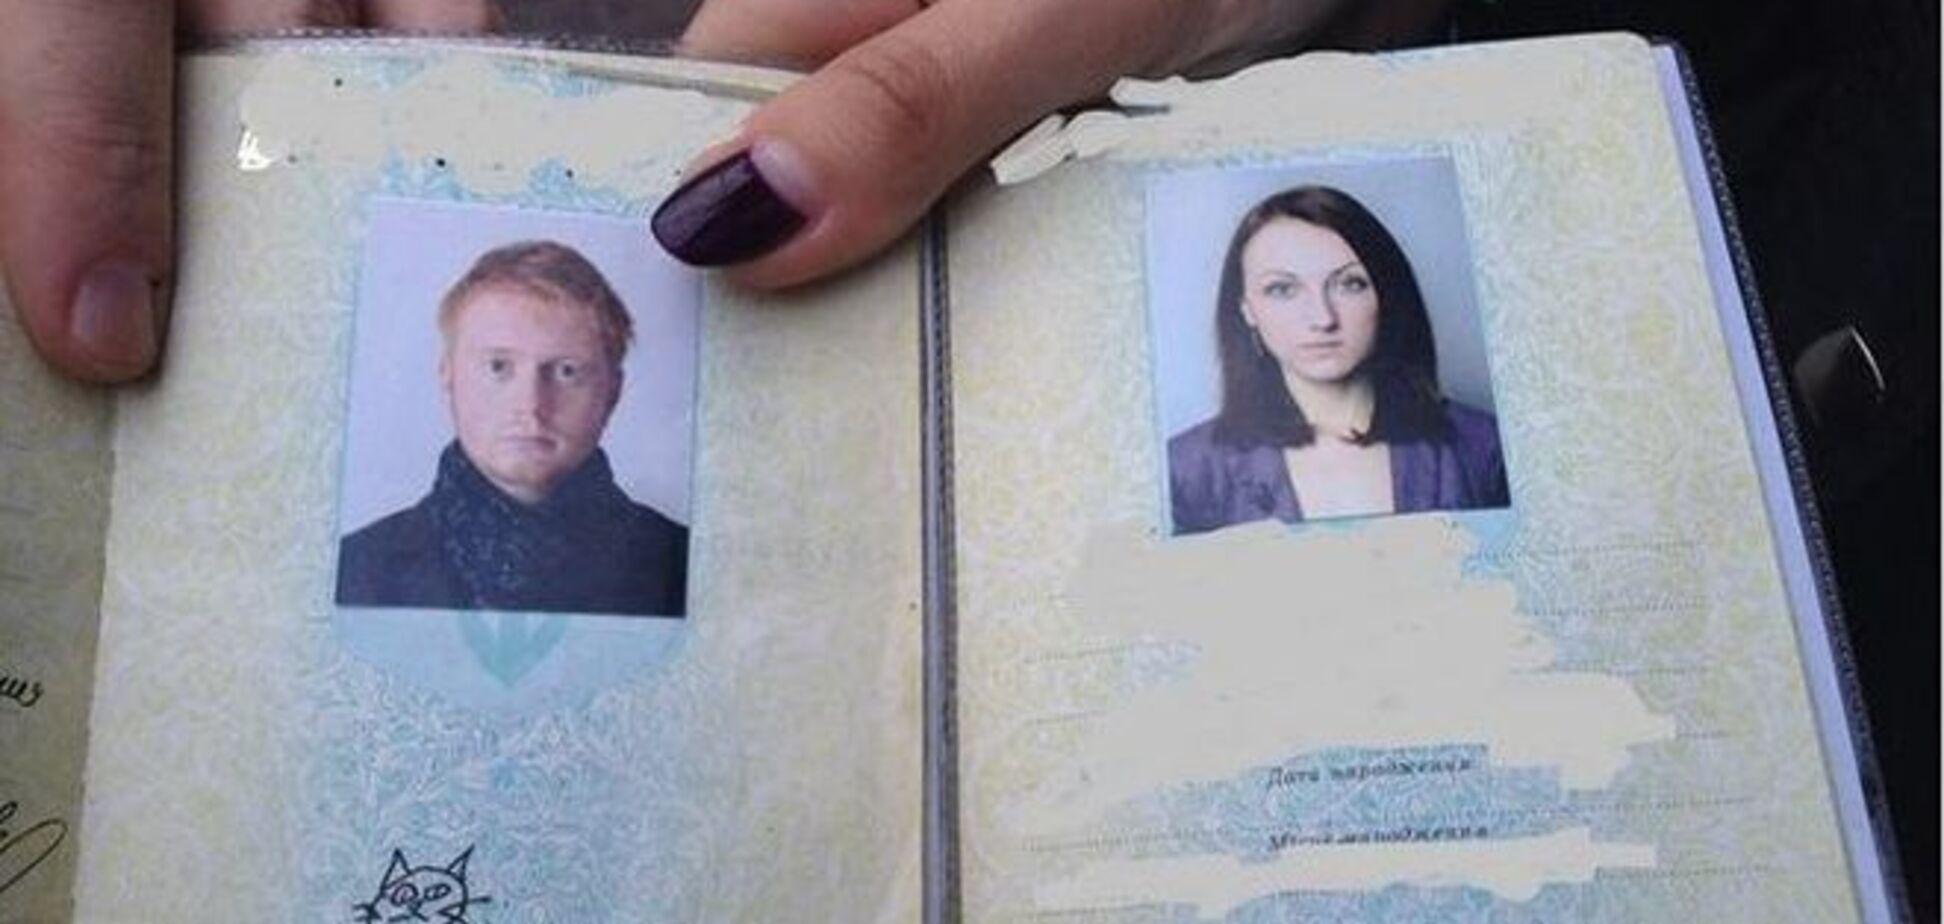 Украинцы нарисовали котов на месте подписей в паспорте: фотофакт